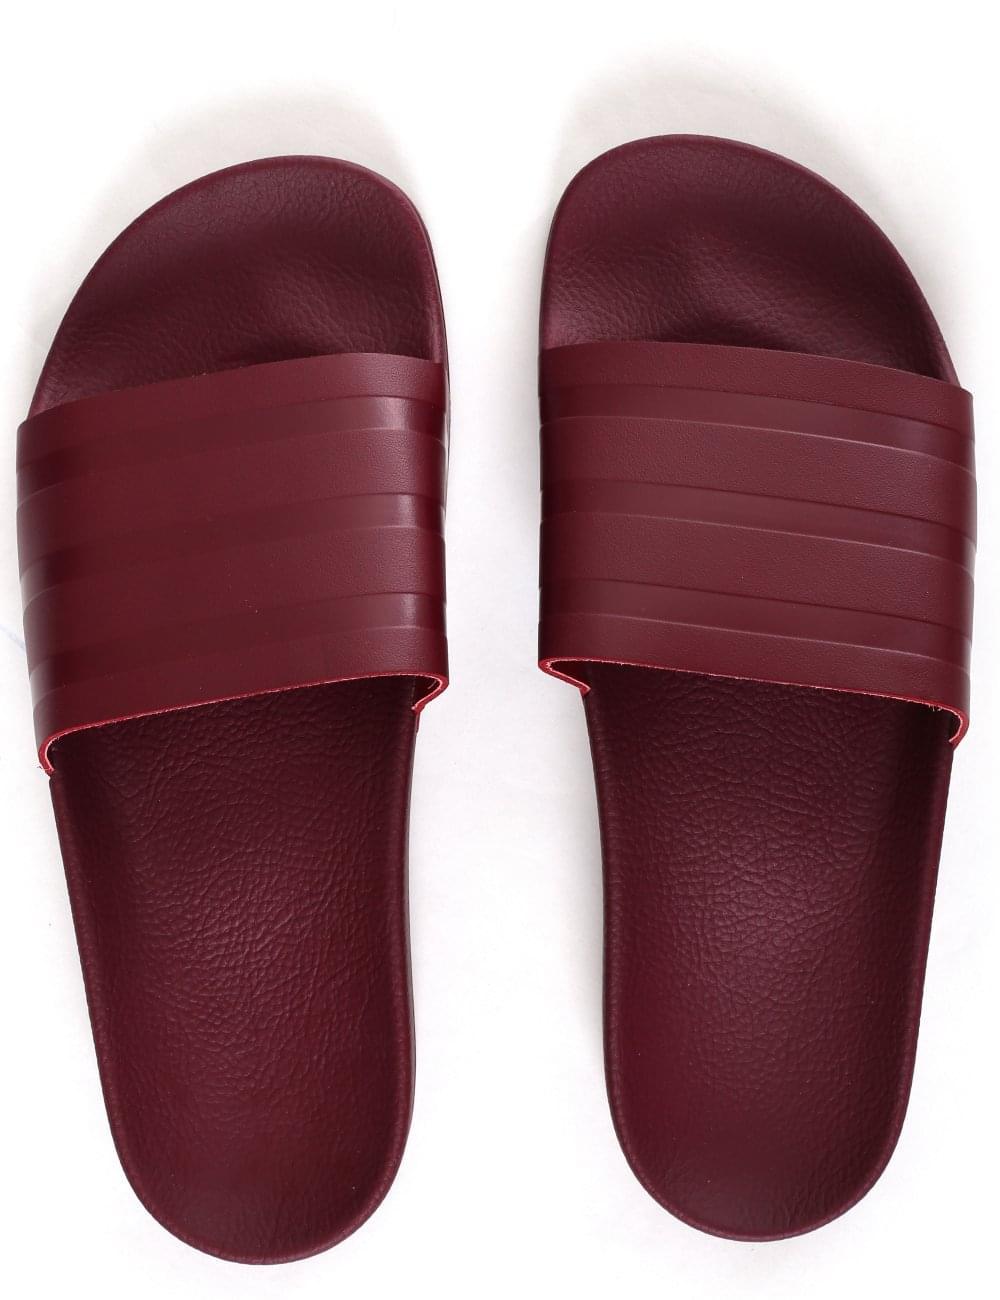 75f9c769 Men's Adilette Slides